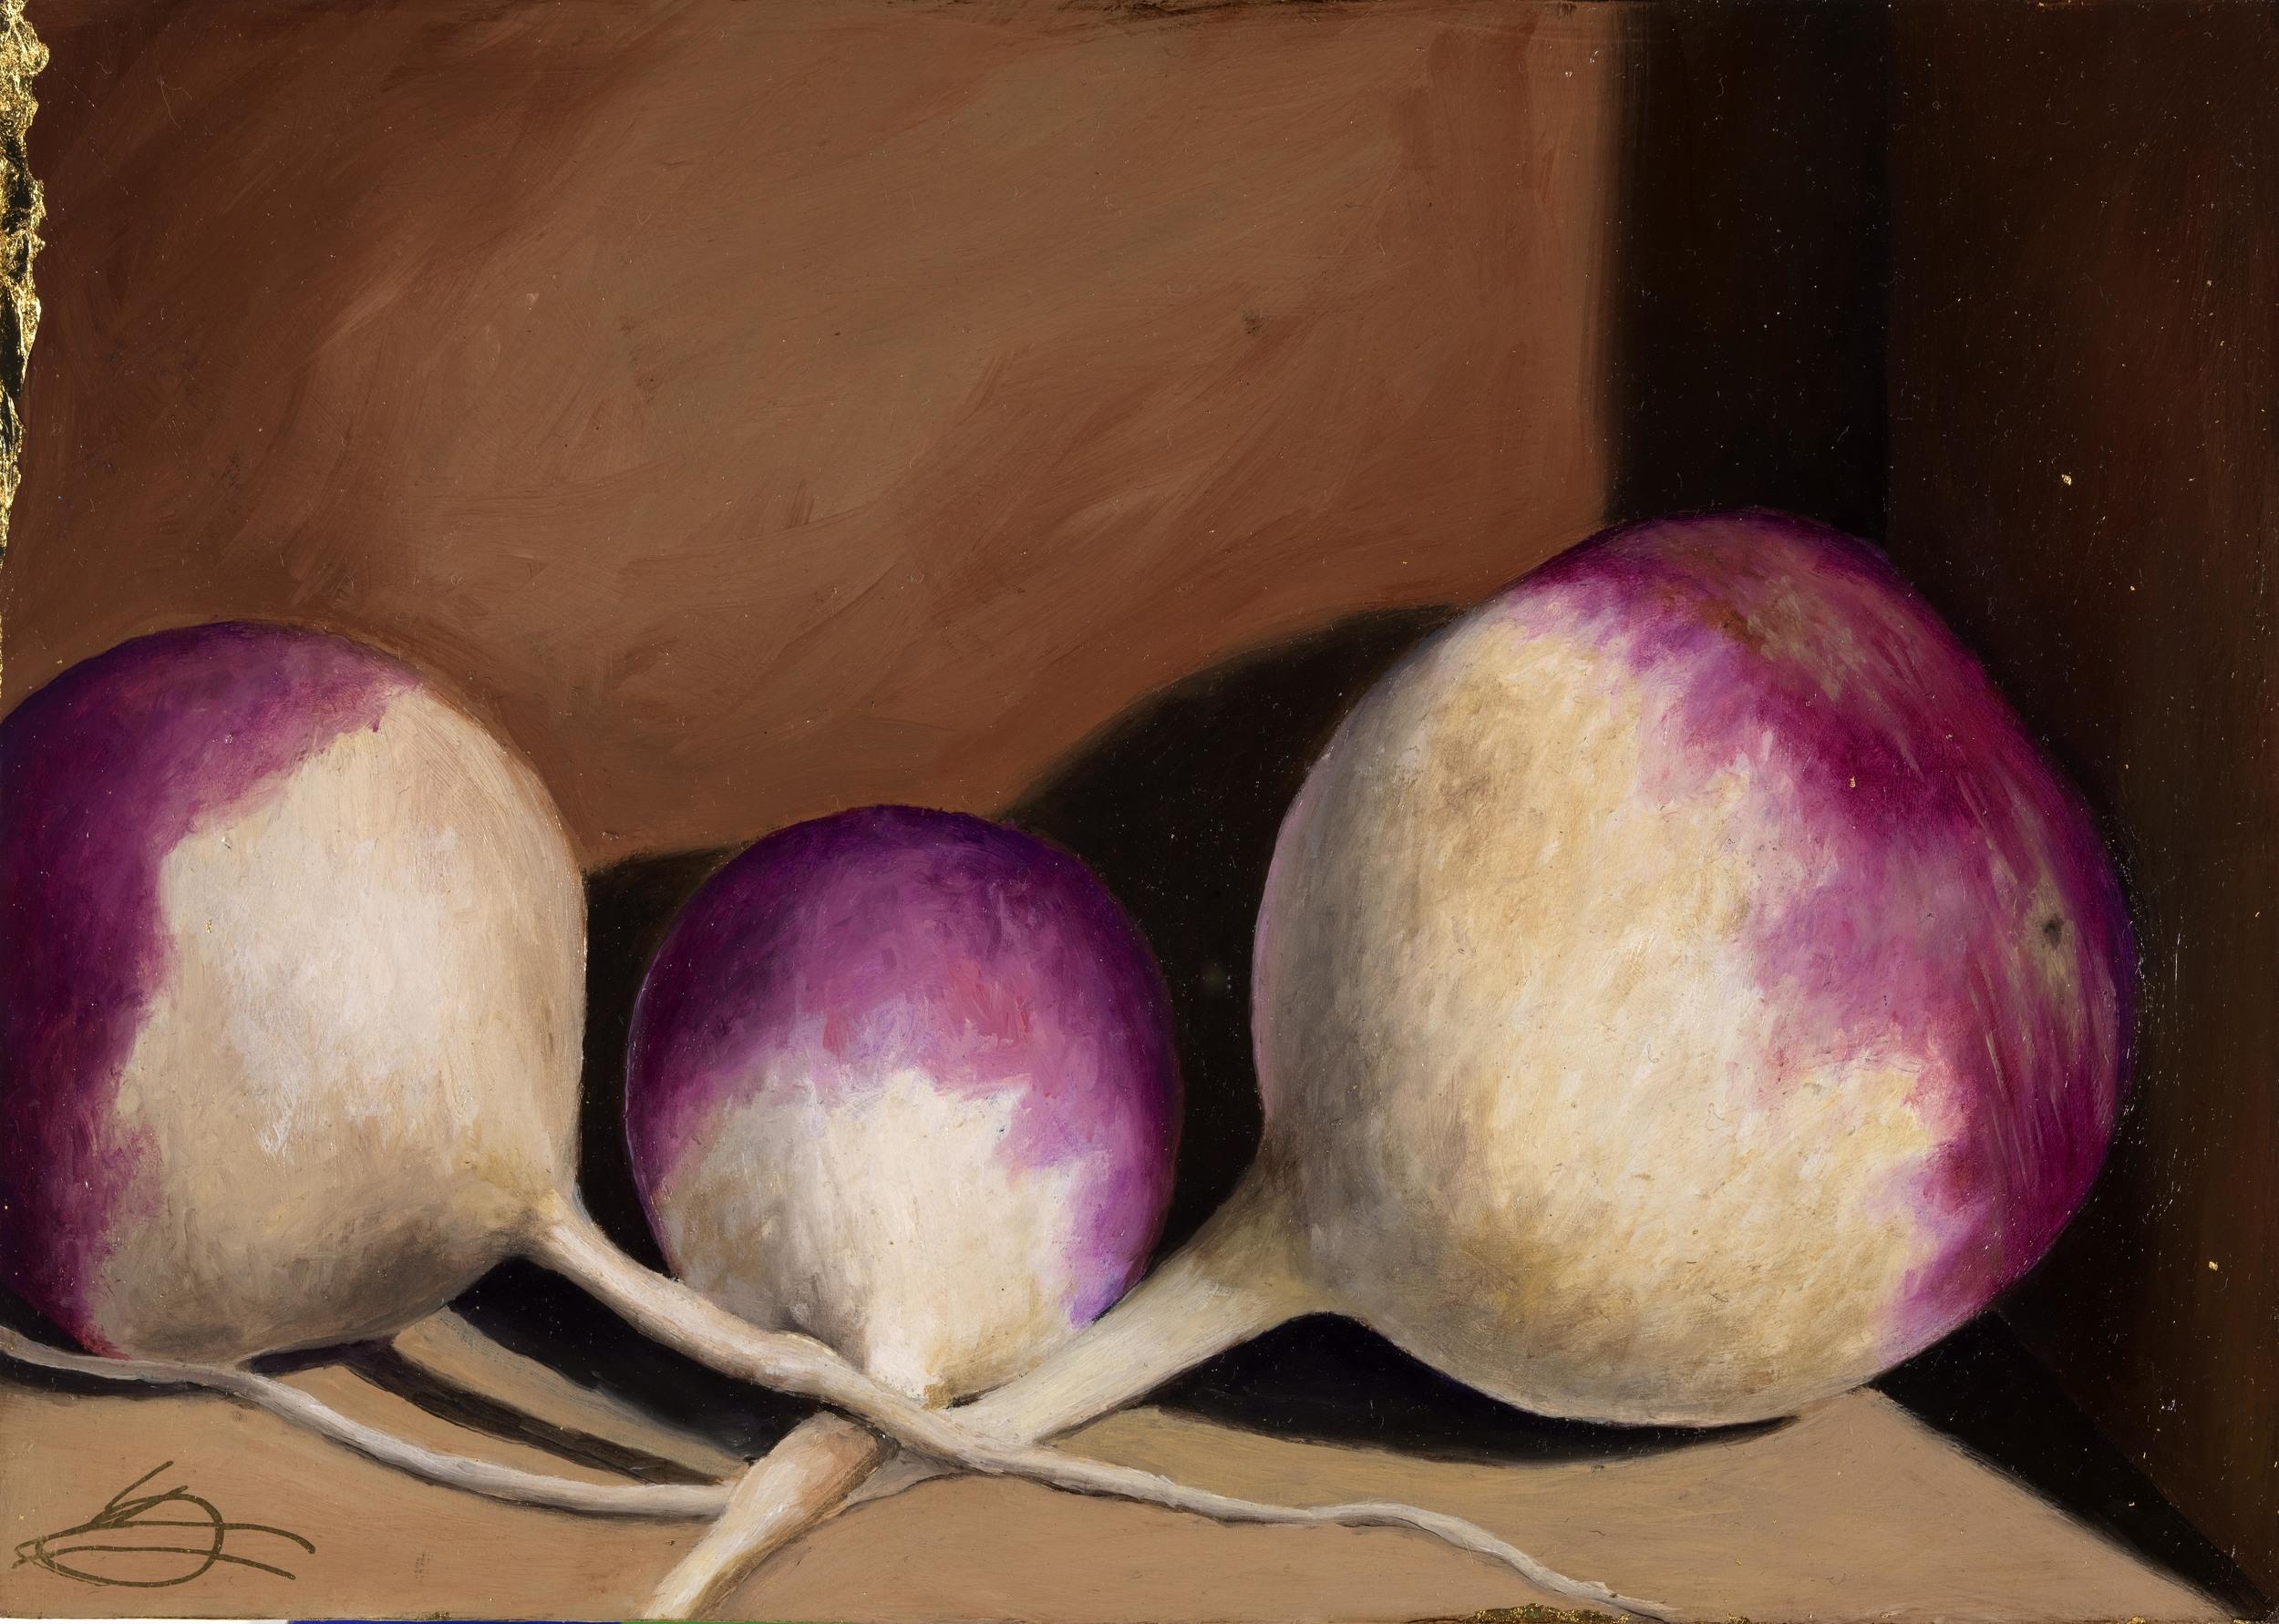 Purple Top Turnips, Harlow Farm, VT